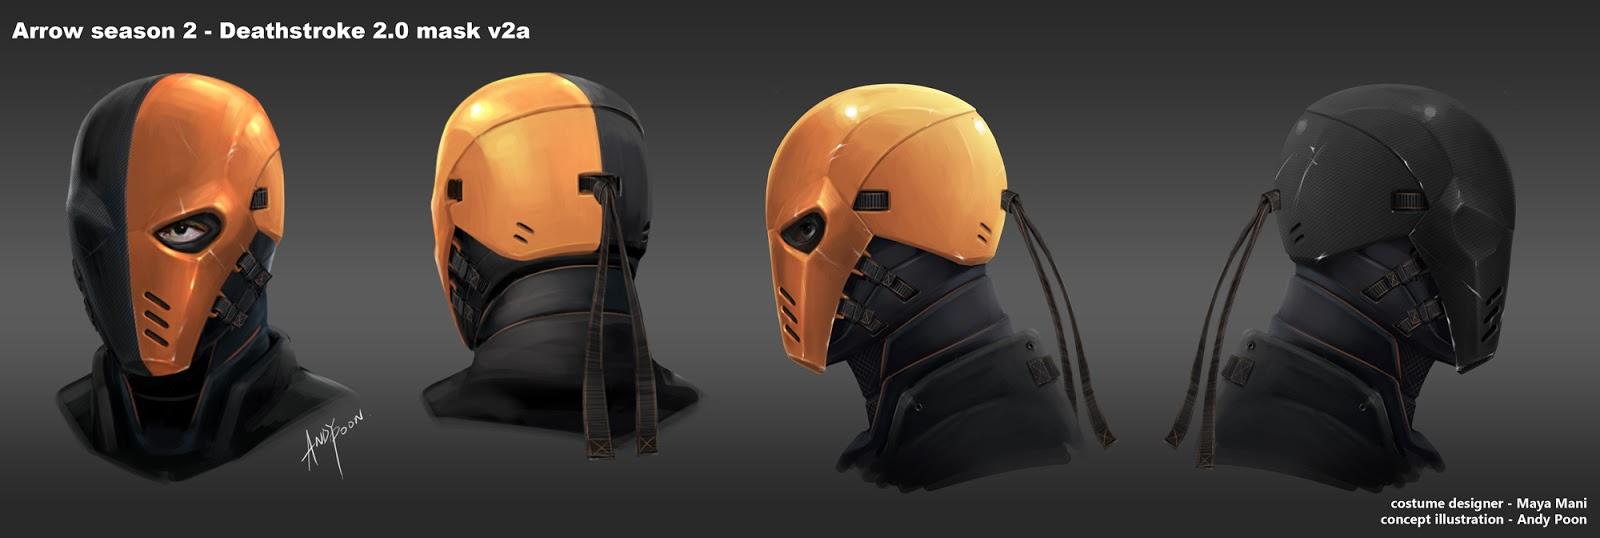 Des concept-arts du masque de Deathstroke pour Arrow ...   1600 x 538 jpeg 87kB